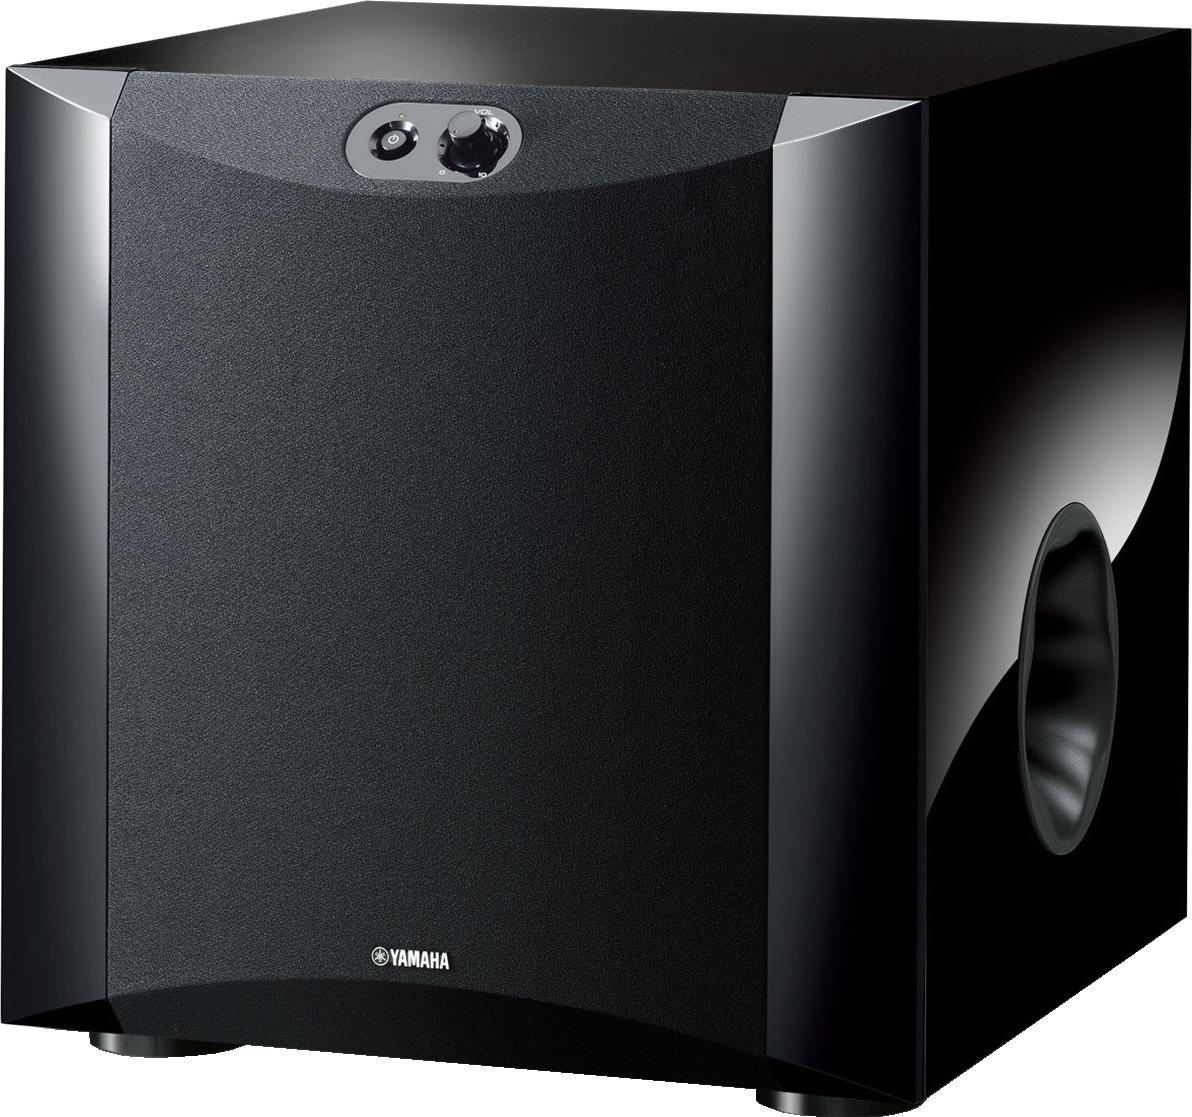 yamaha ysp 5600 sw soundbar mit subwoofer und. Black Bedroom Furniture Sets. Home Design Ideas